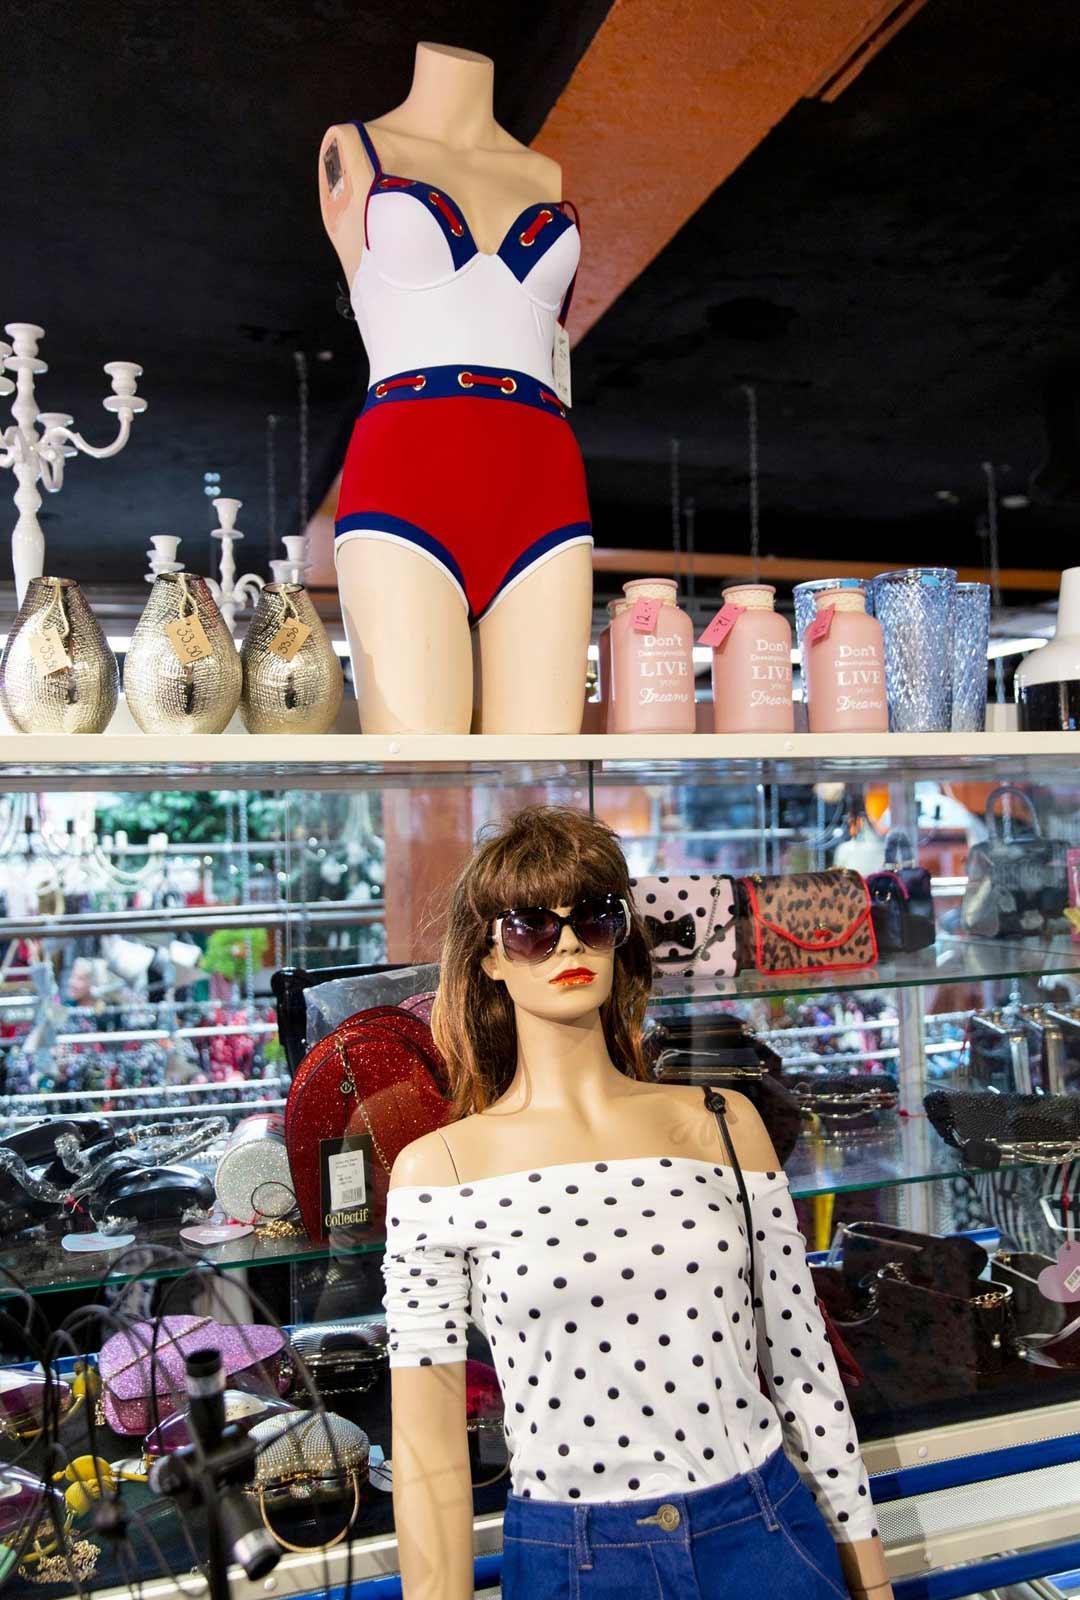 Anitan kaupassa nainen kuin nainen löytää tyylinsä, sillä tarjolla ei ole vain vaatteita, vaan myös kannustusta ja rohkaisua, että jokaiselle löytyy kaunista päällepantavaa.